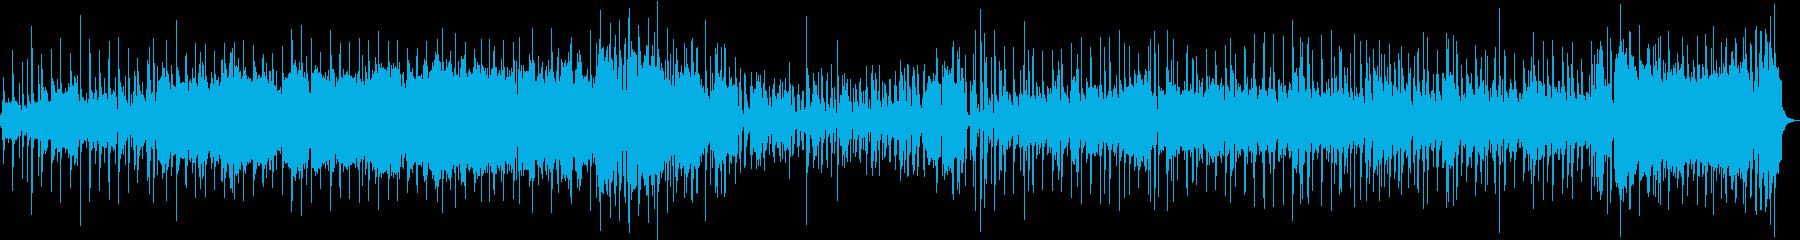 大空を飛び回るスケールの大きな曲 生演奏の再生済みの波形